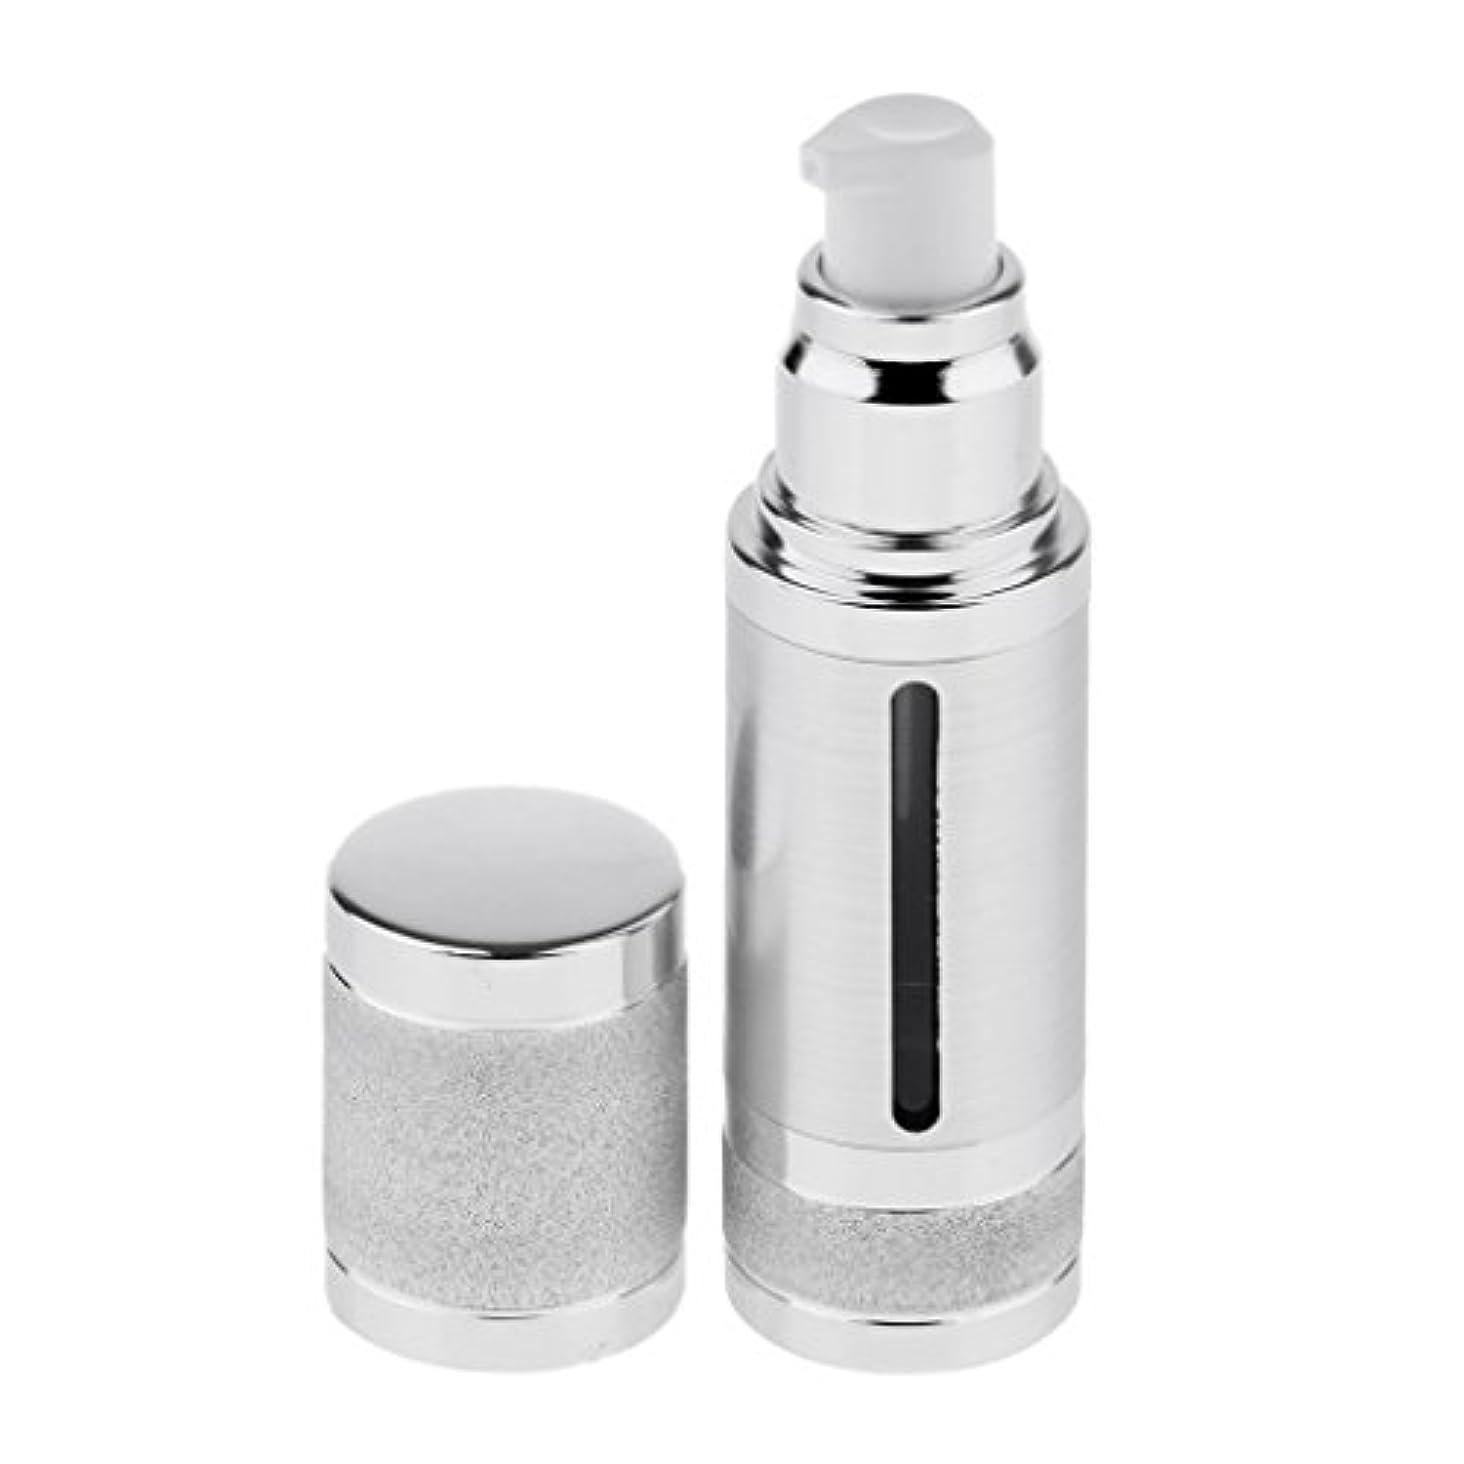 比類のない危険なお嬢Fenteer ポンプボトル 空ボトル エアレスボトル 30ml 化粧品 詰め替え 容器 DIY 2色選べる - 銀